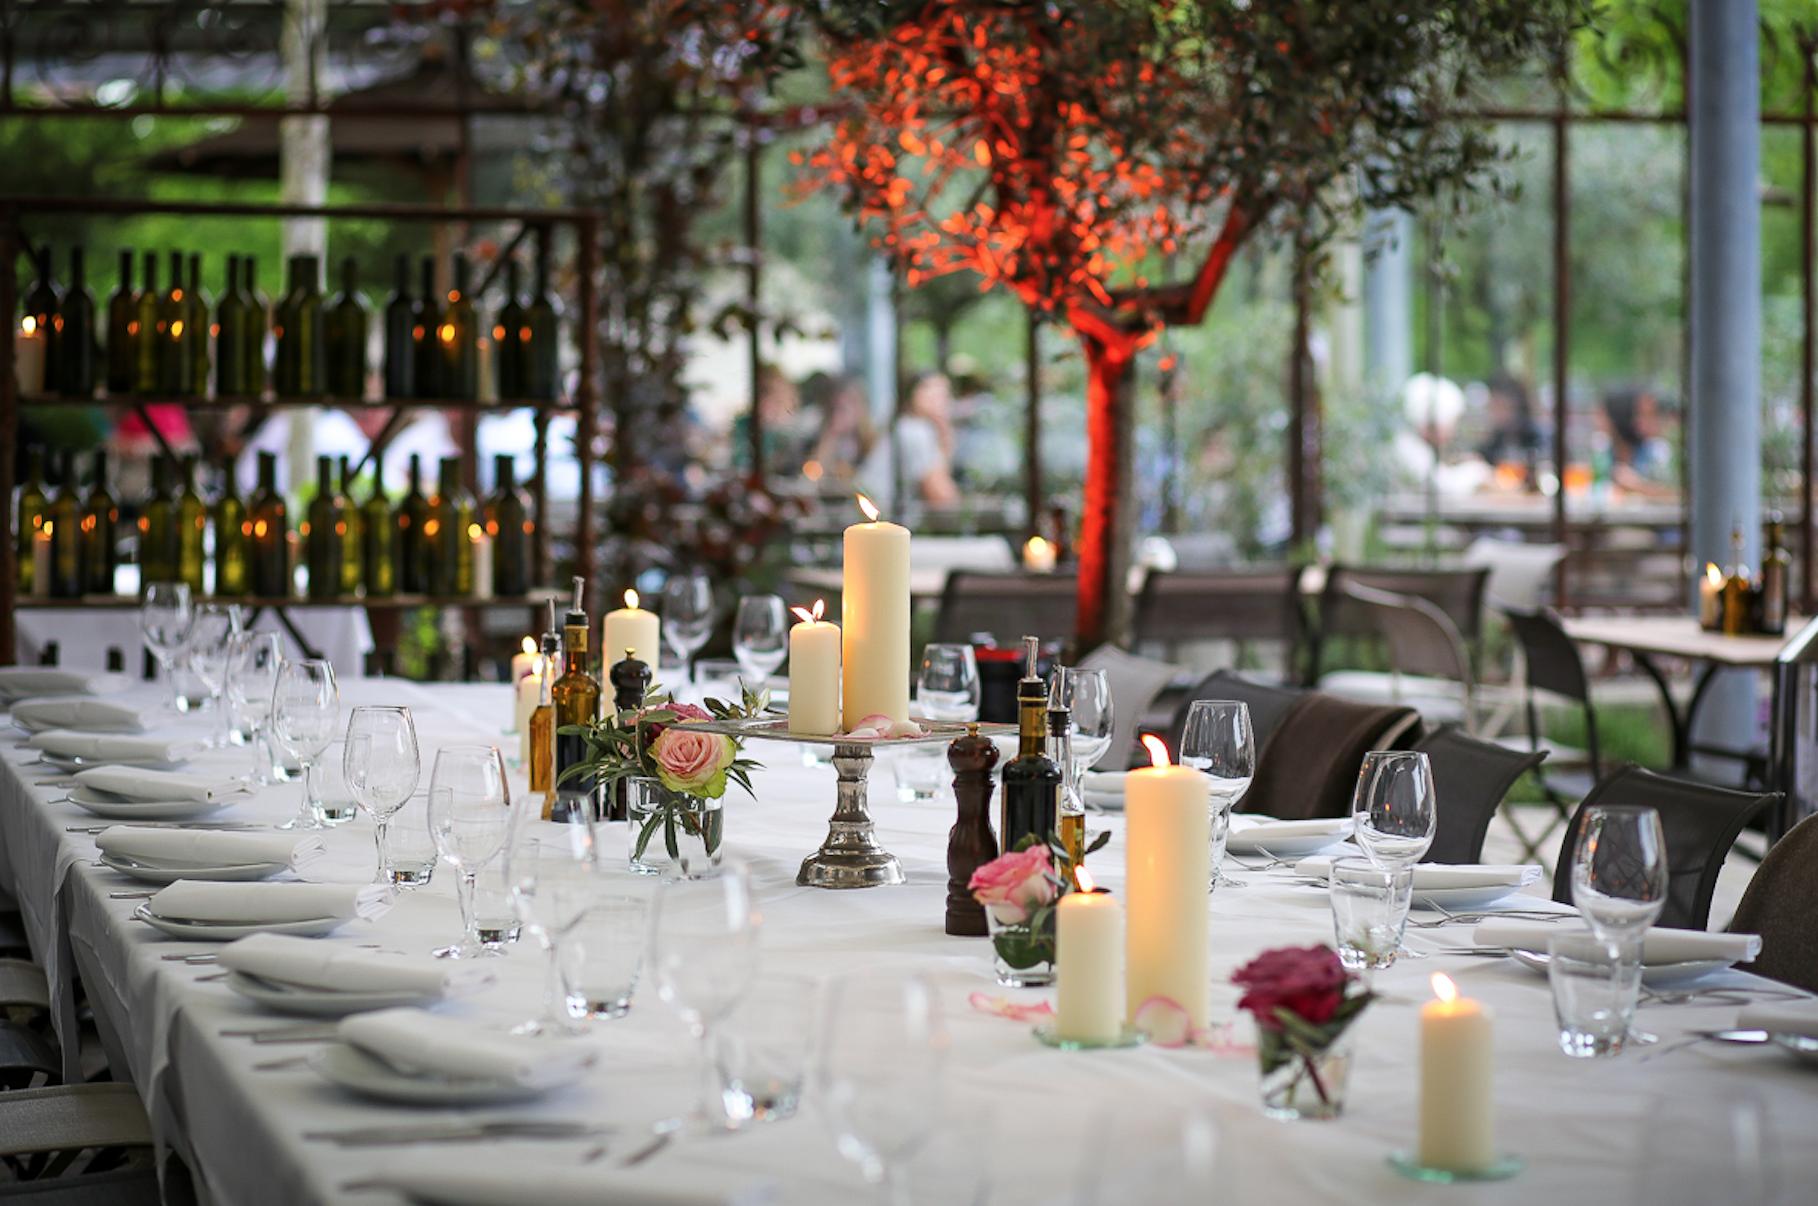 So Schon Kann Hochzeit Feiern Im Freien Sein Auf Unserer Olivengarten Terrasse Umgeben Von Jahrhundertealten Olivenbaume Hochzeit Feiern Feiern Olivenbaumchen